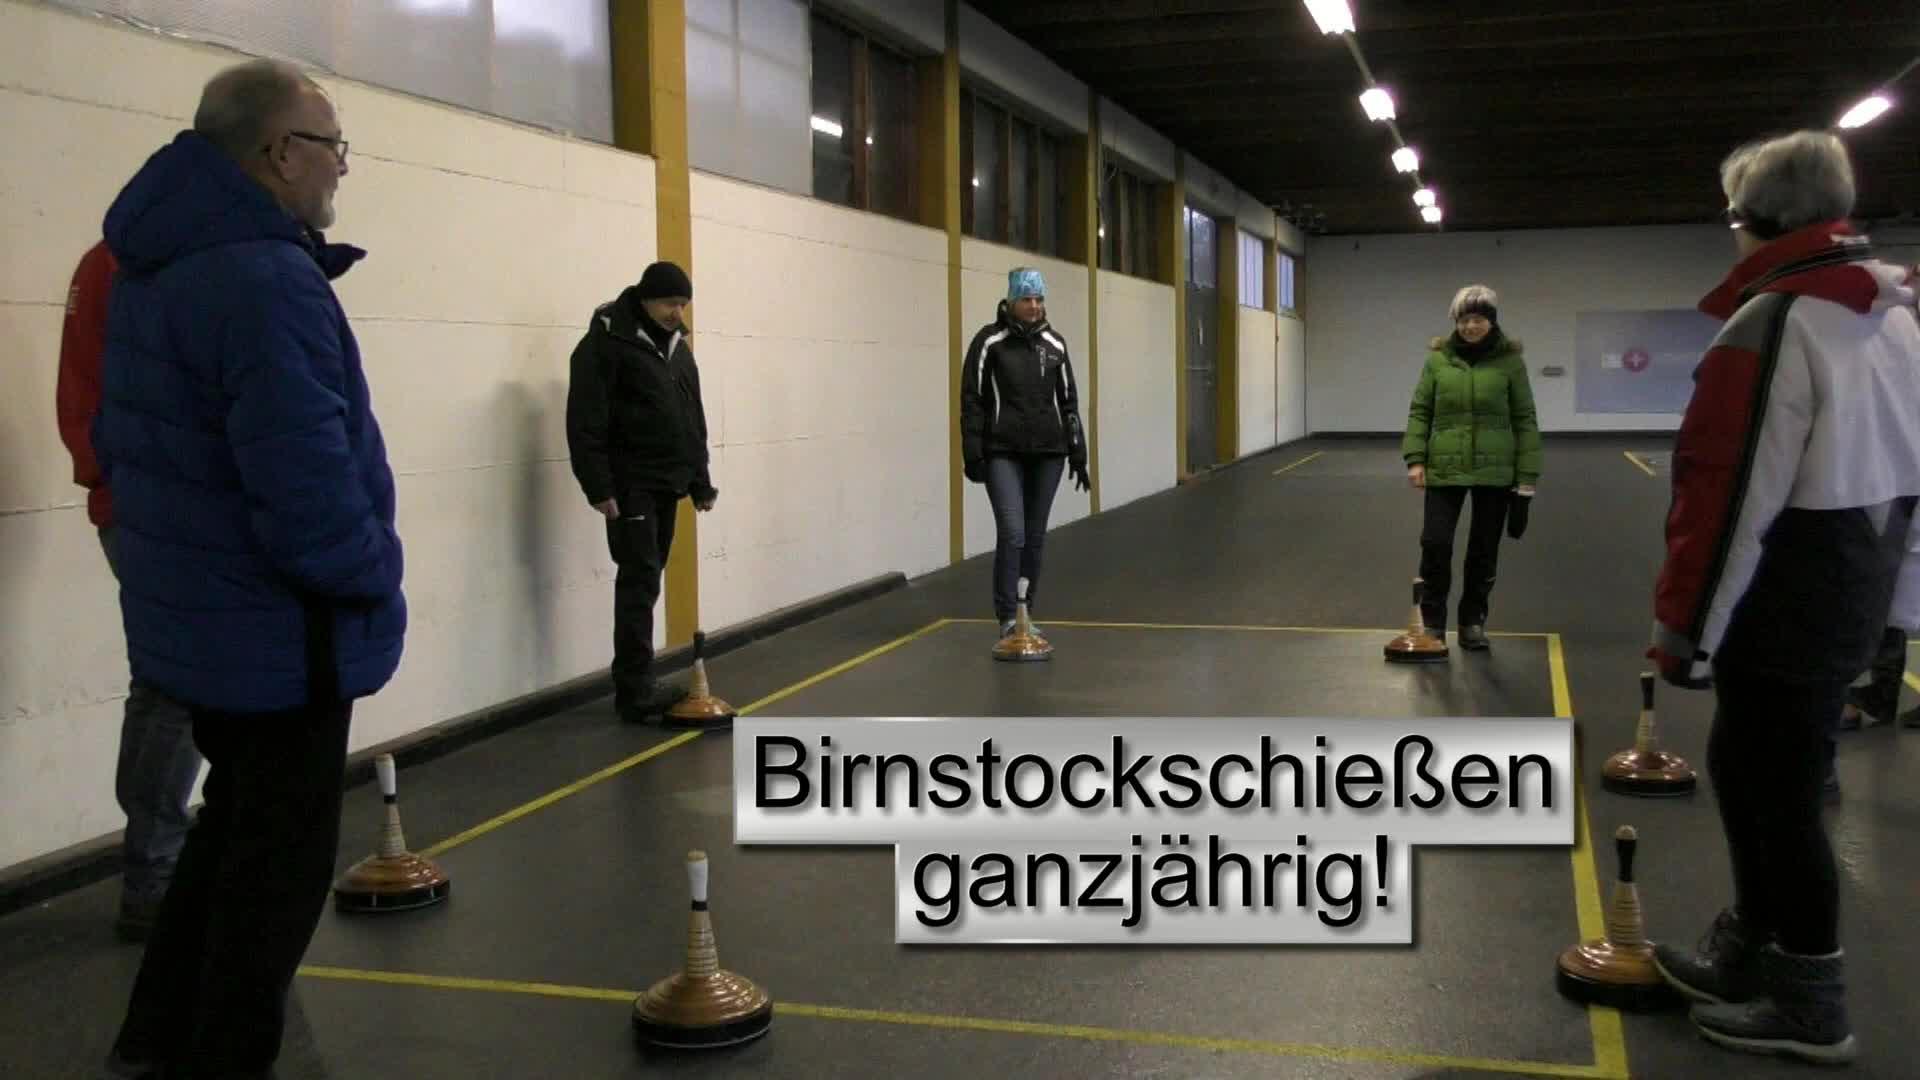 Birnstockschießen ganzjährig in Schweinbach!